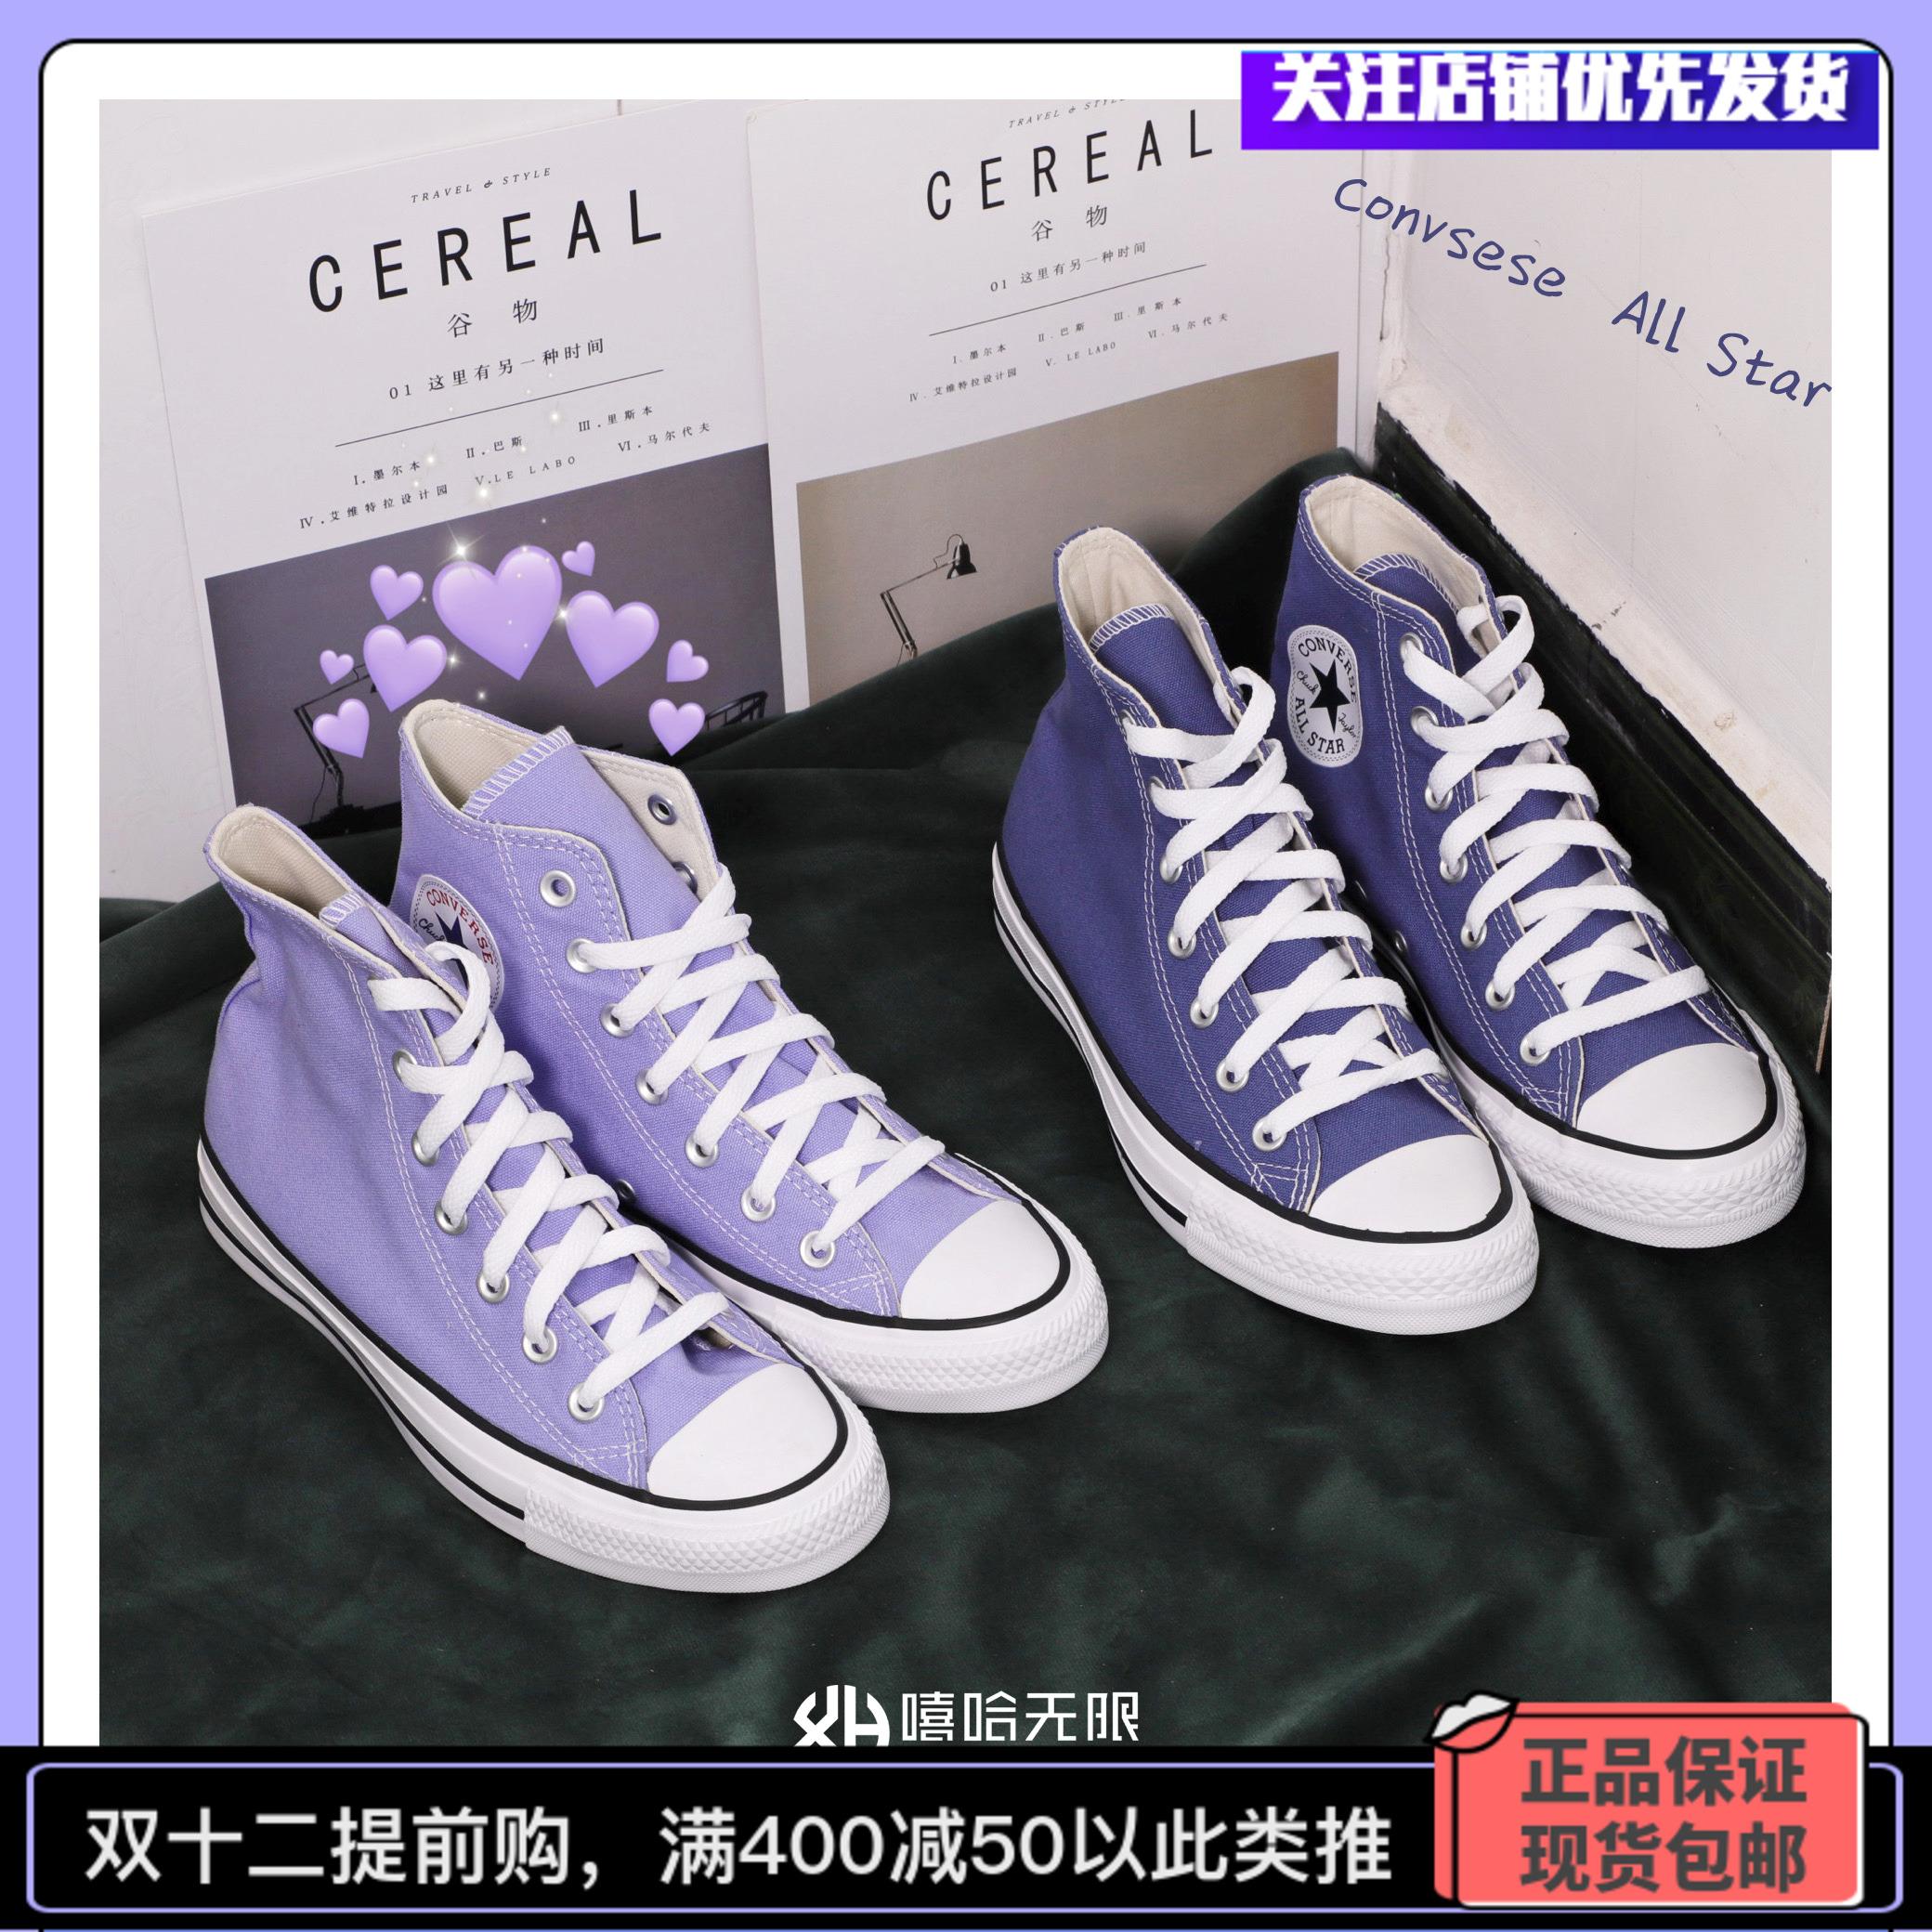 紫色高帮鞋 匡威all star高帮紫色蓝色男女款休闲鞋帆布鞋板鞋164397c160455c_推荐淘宝好看的紫色高帮鞋